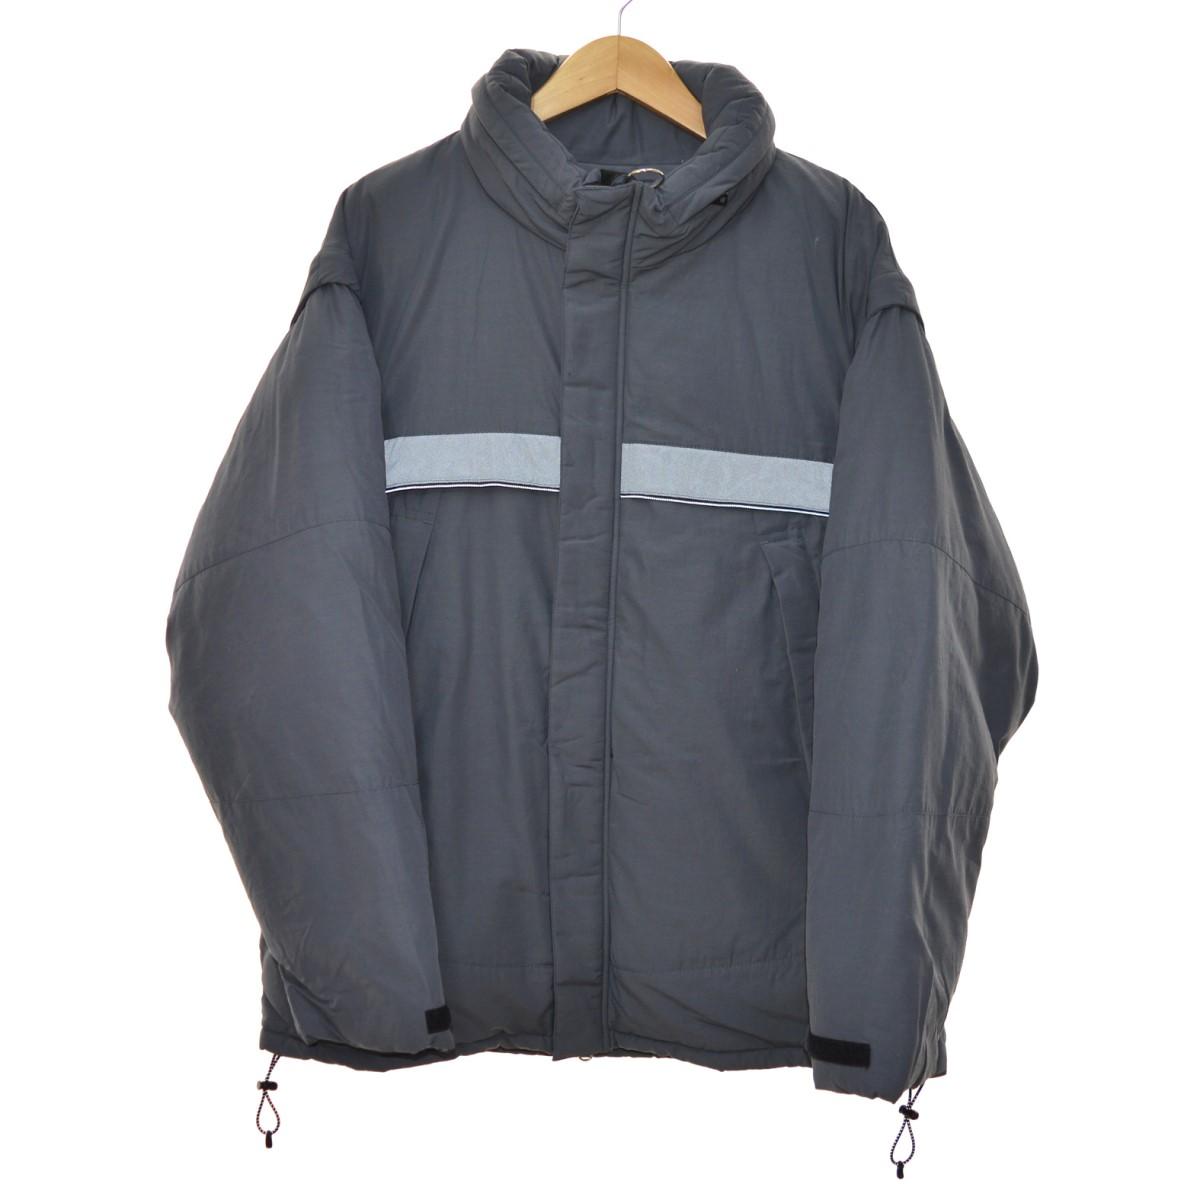 【中古】MONKEY TIME 2WAYダウンジャケット グレー サイズ:M 【080120】(モンキータイム)